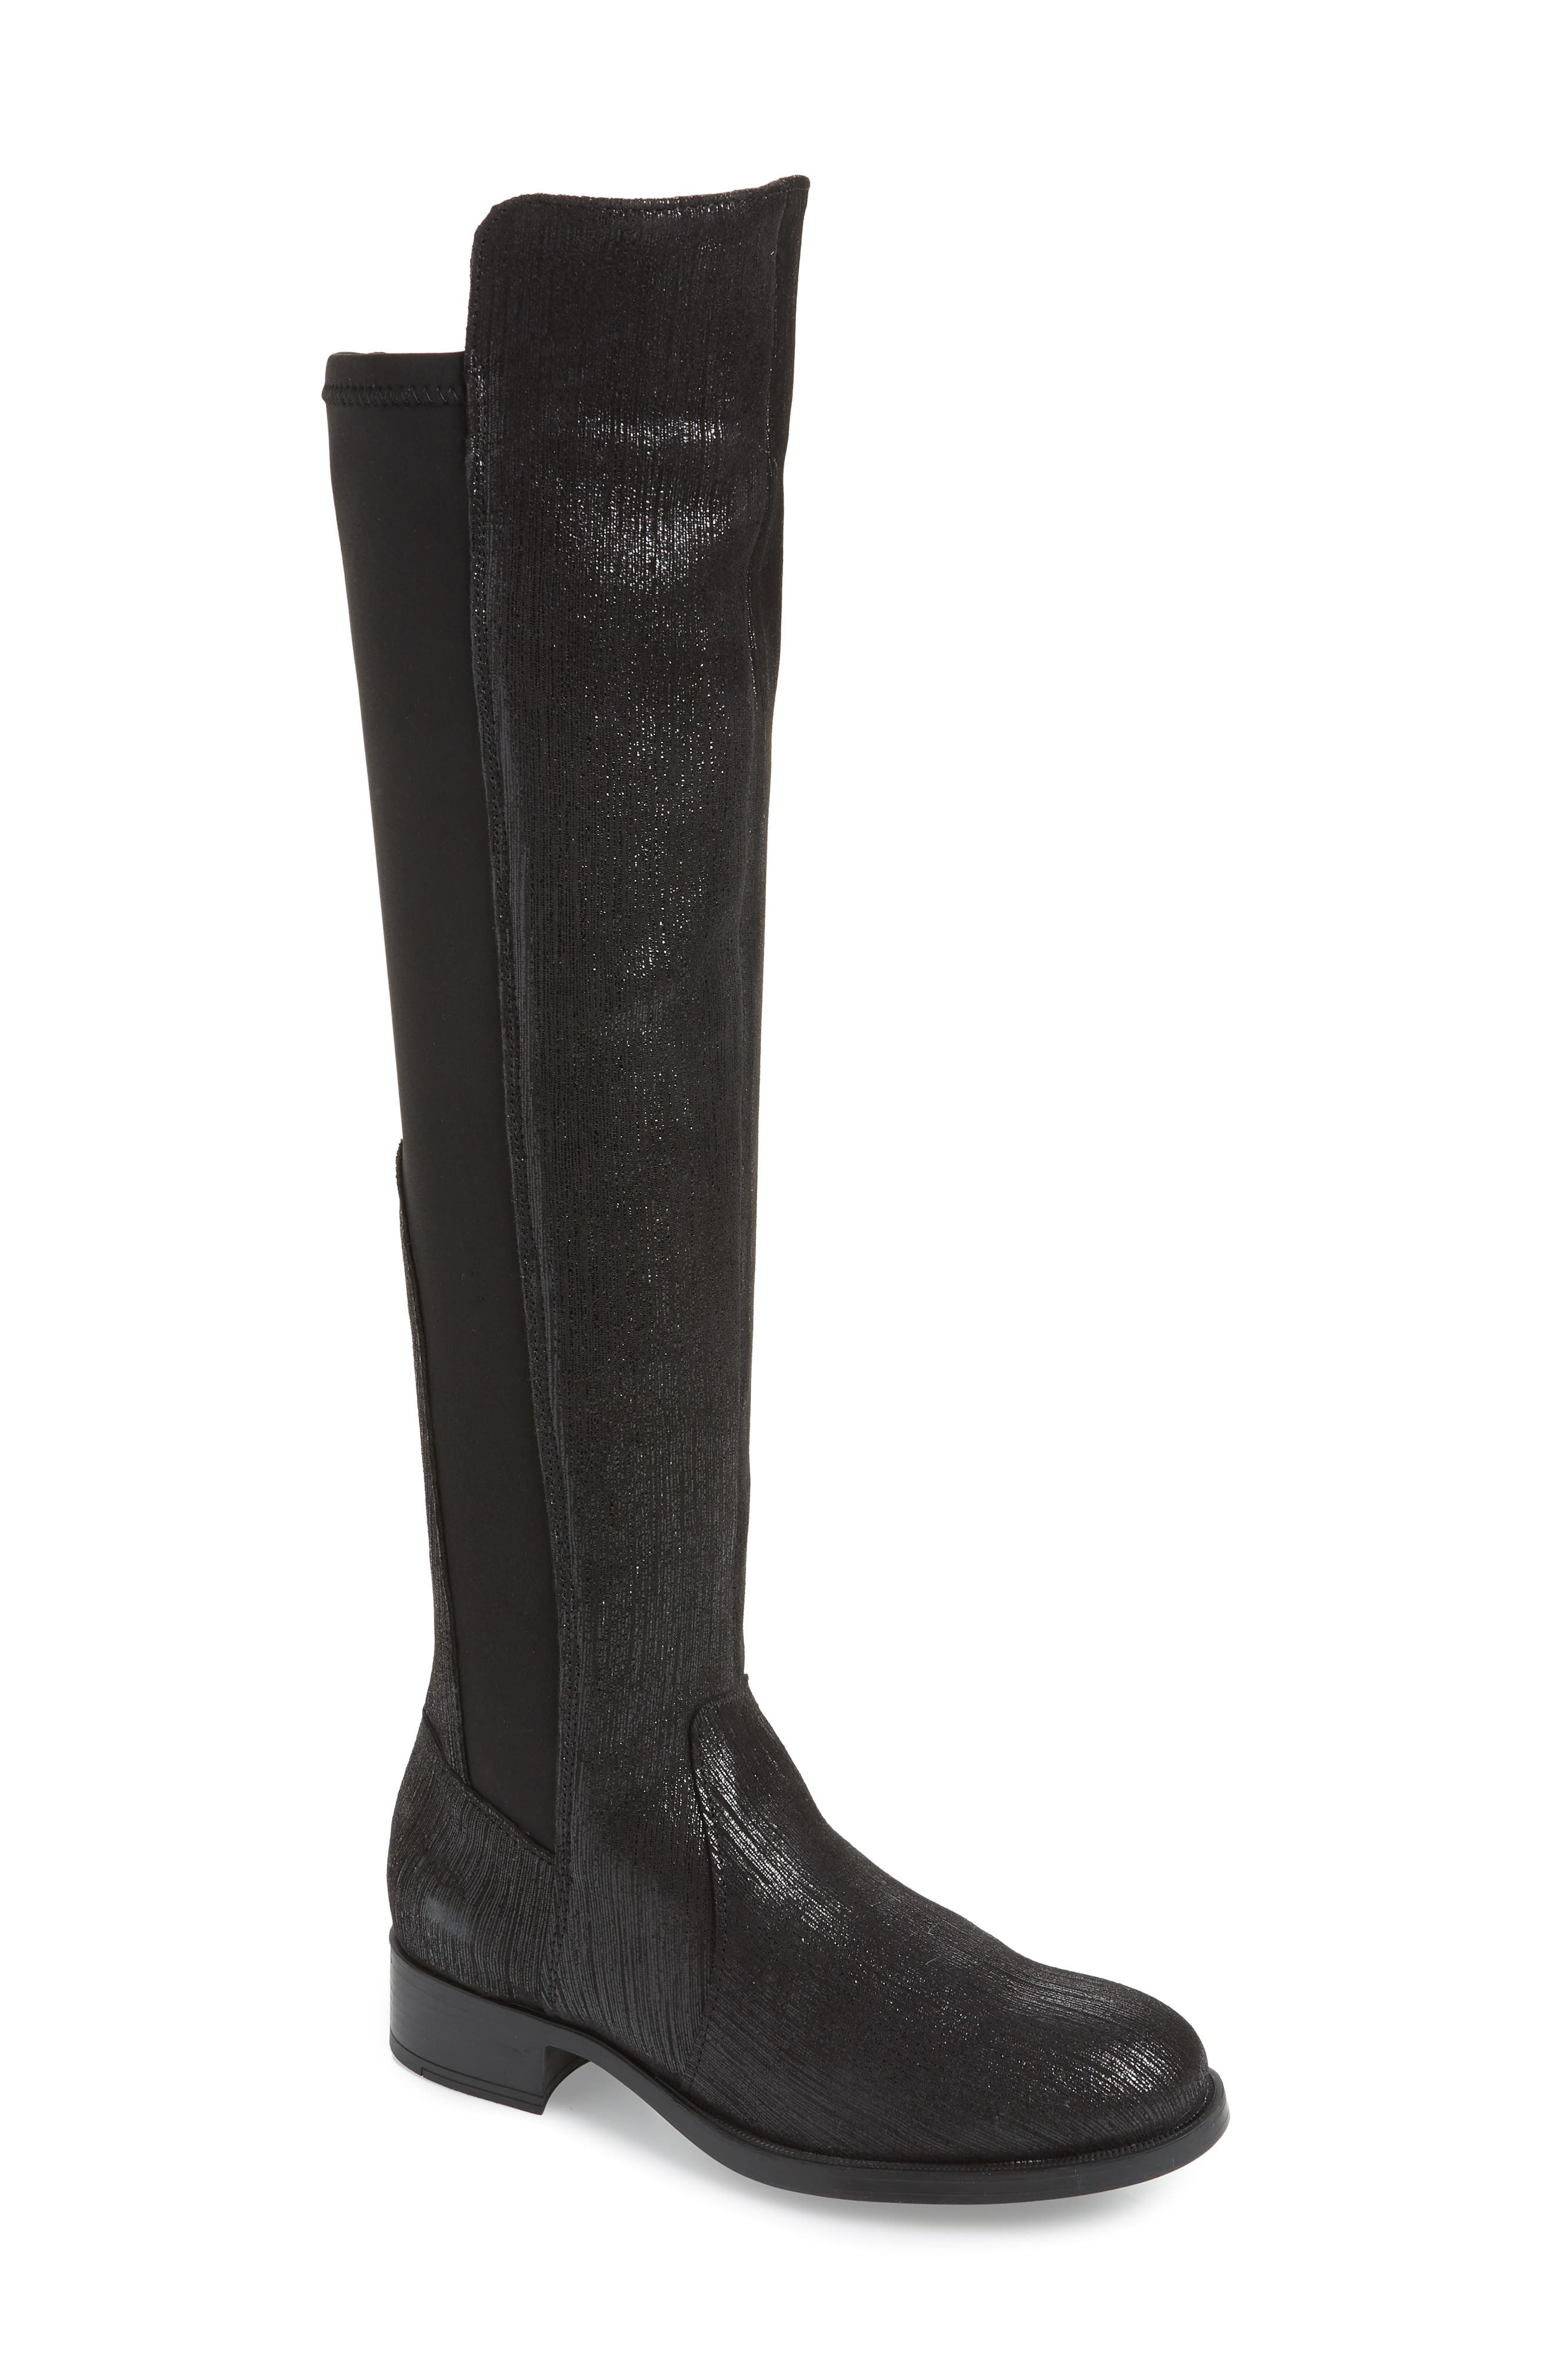 Bunt Waterproof Over the Knee Boot,                         Main,                         color, Black Metal/ Lycra